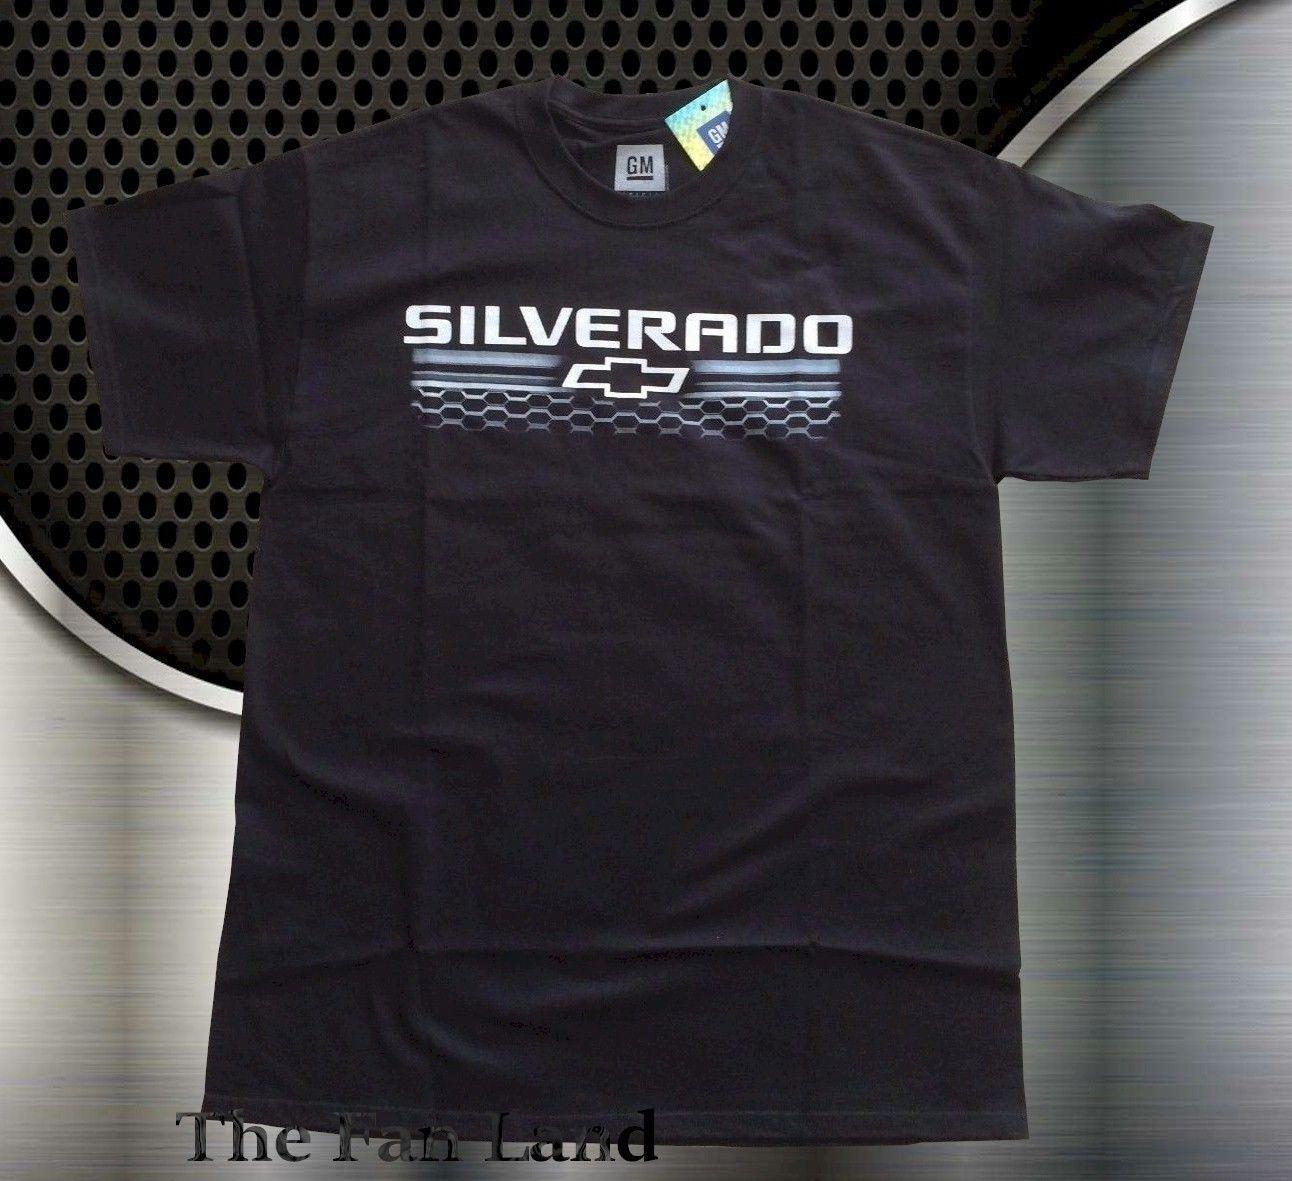 chevy silverado t shirts